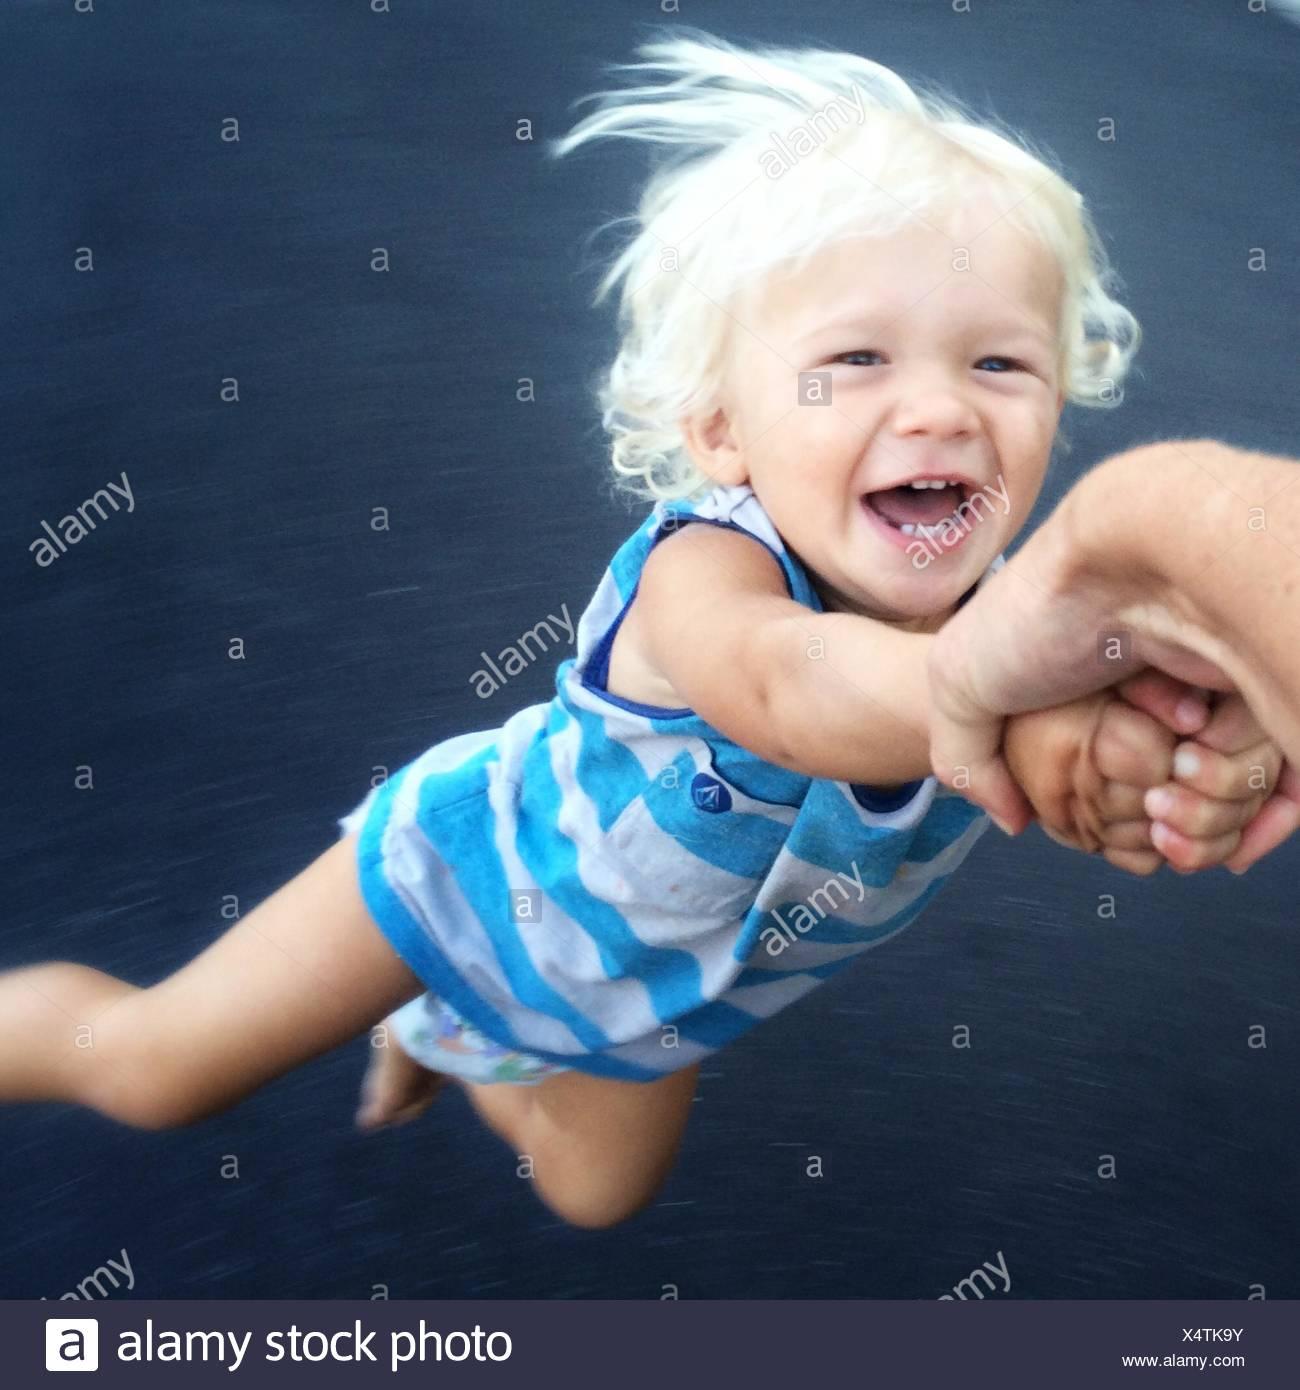 Toddler being spun around Stock Photo